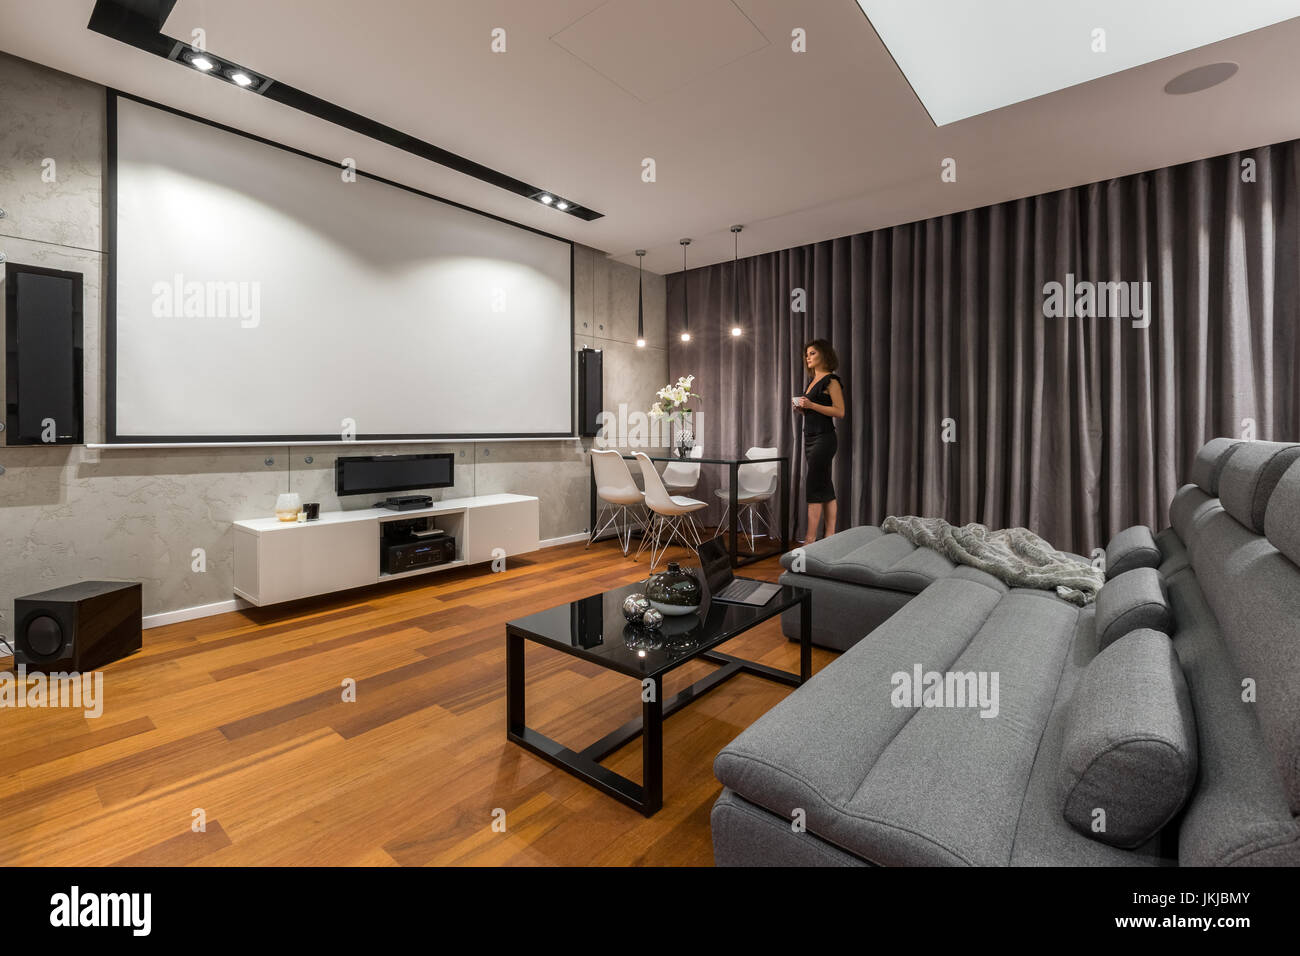 Frau Im Wohnzimmer Mit Leinwand Grau Sofa Und Schwarz Couchtisch